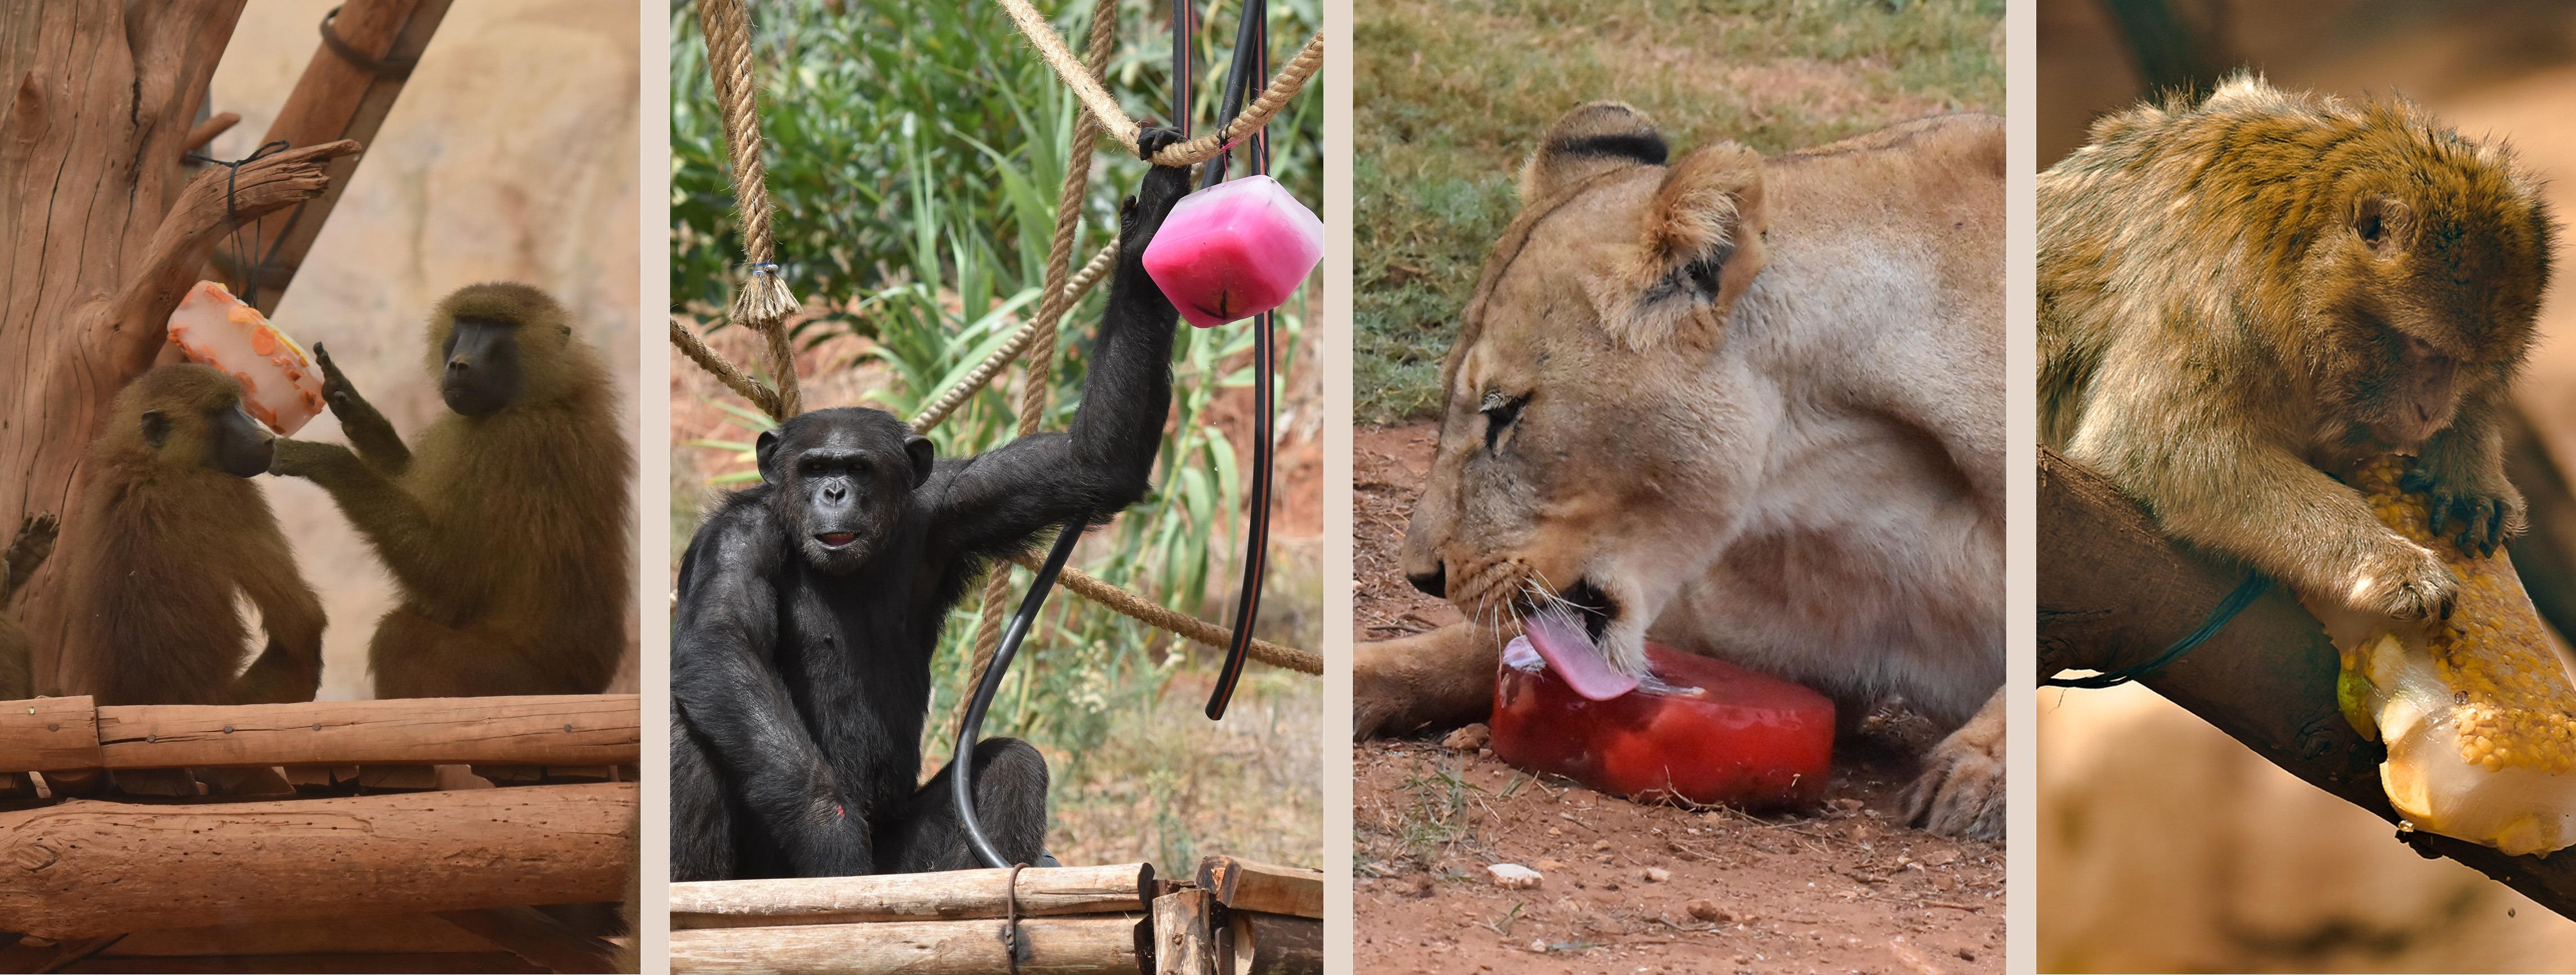 service de rencontres Zoo Comment savoir si le profil de rencontre est faux